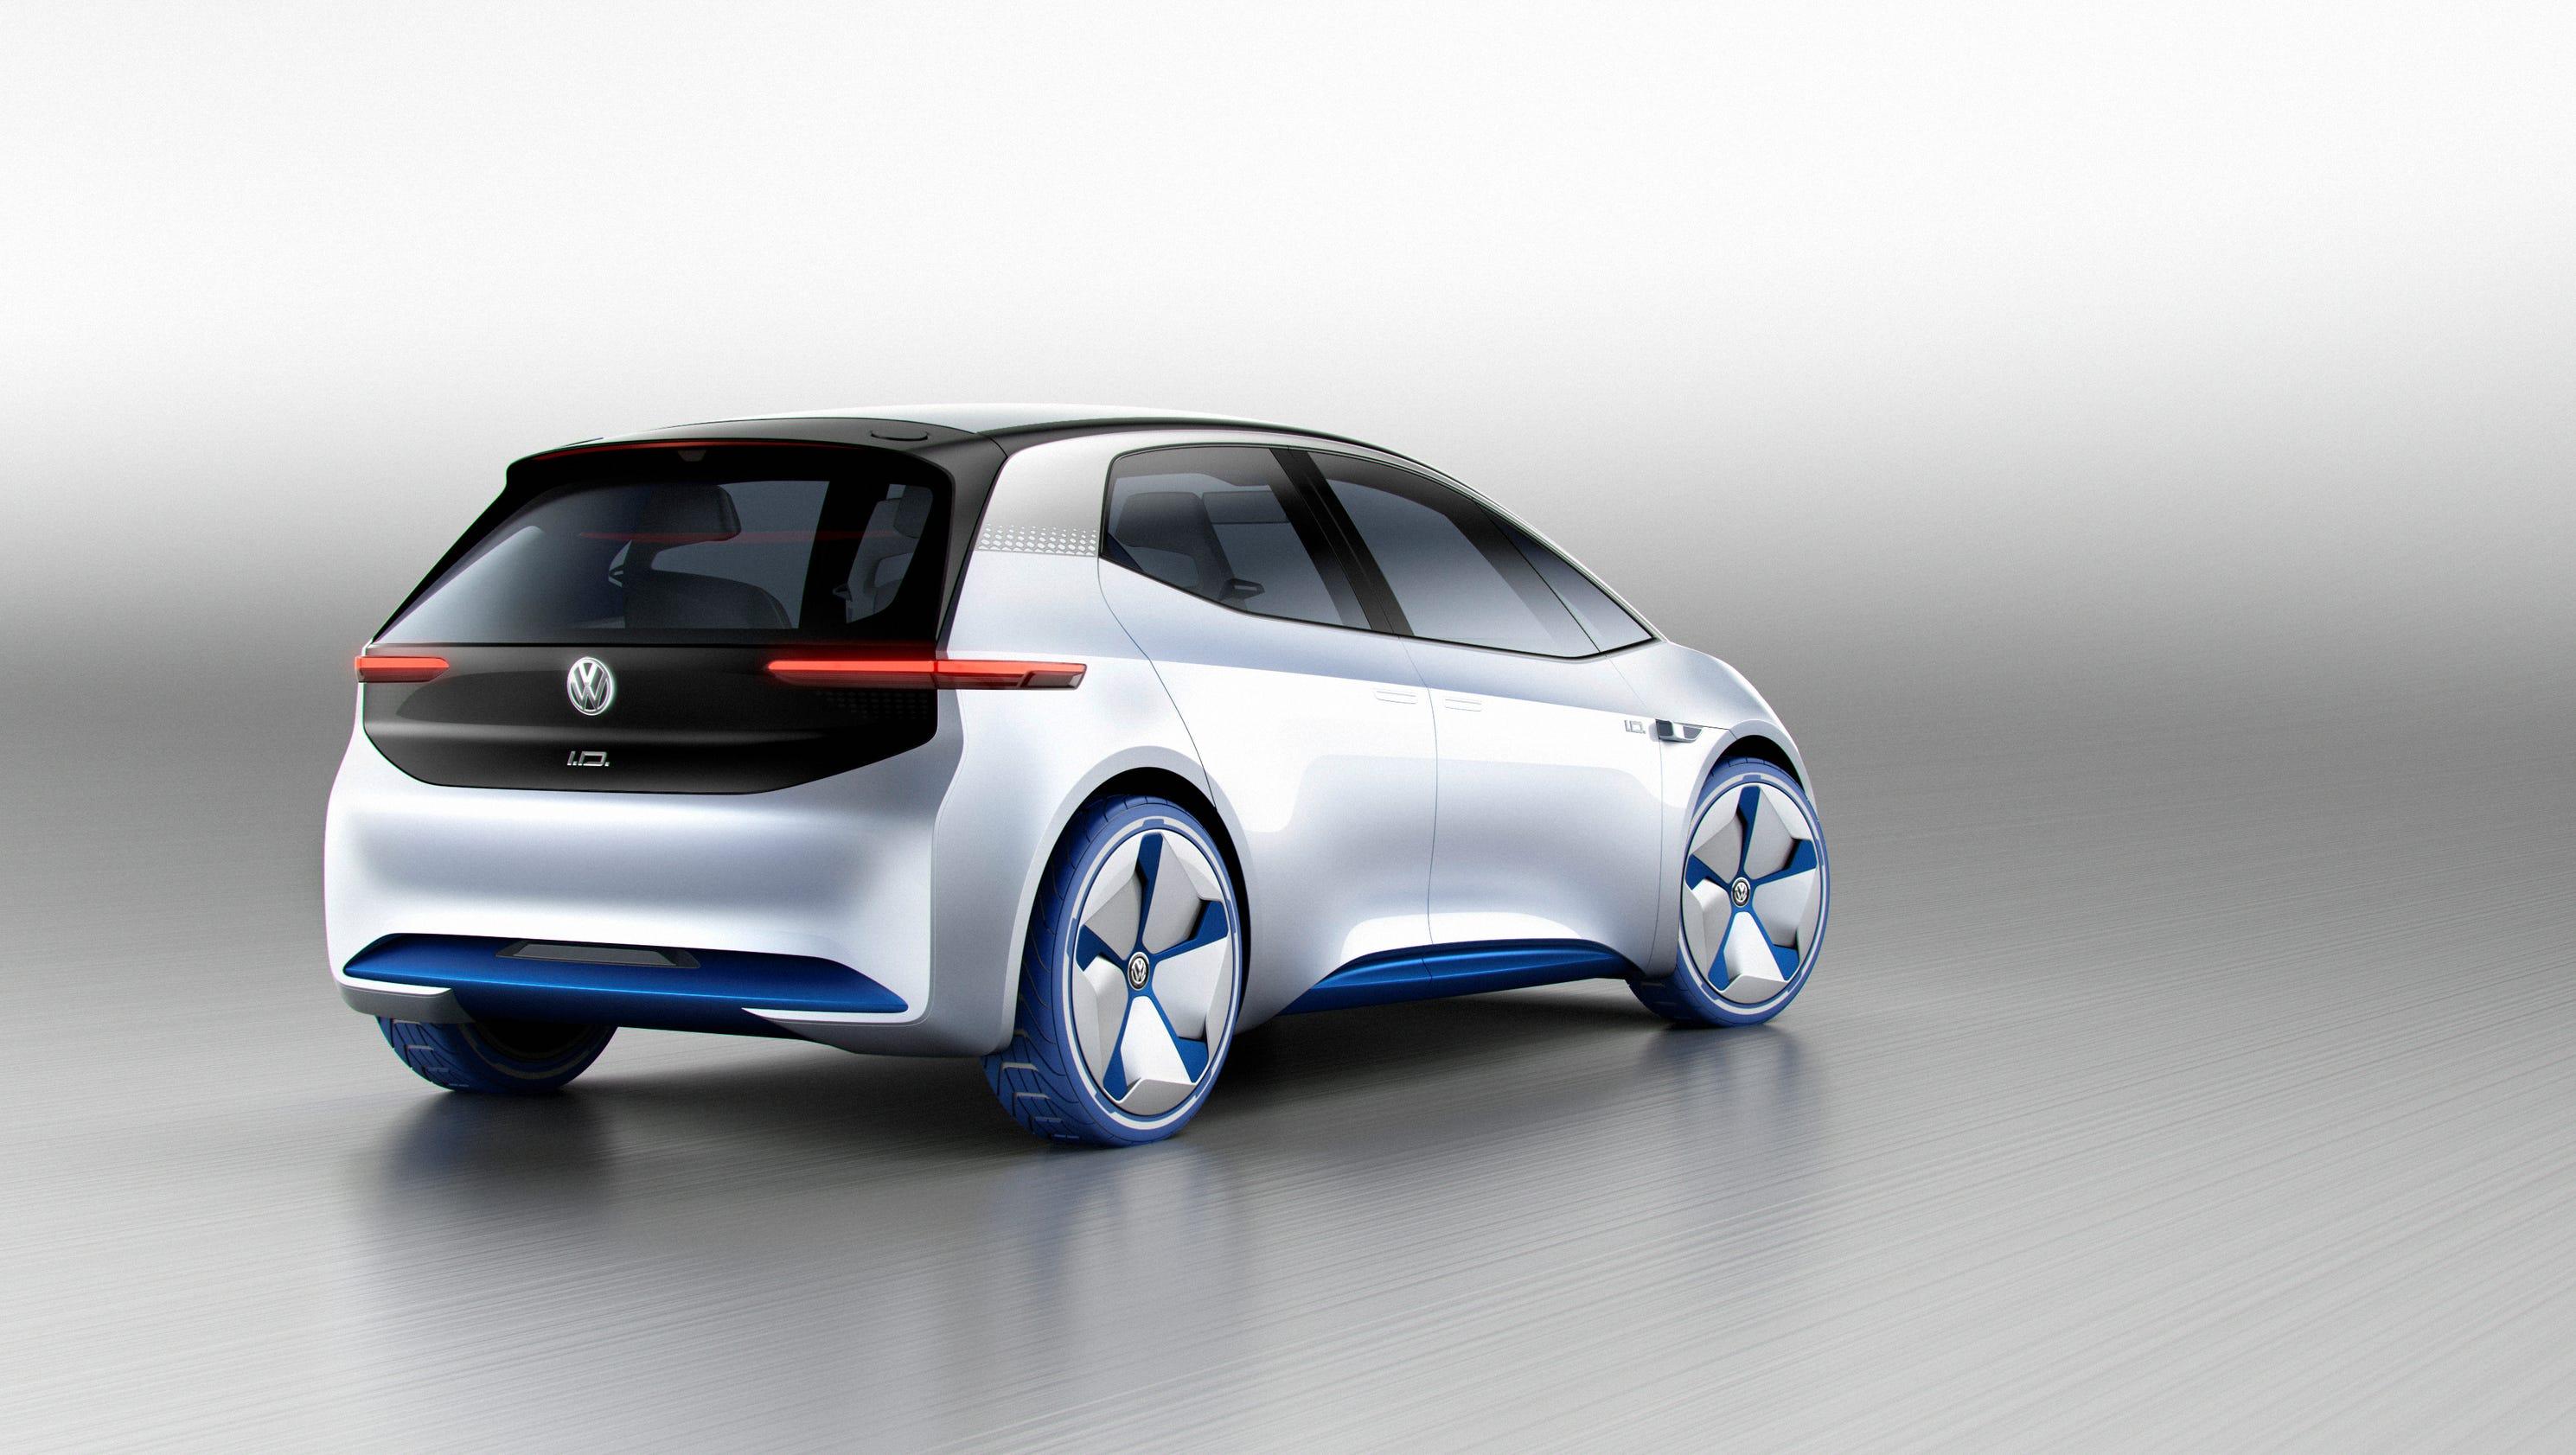 Volkswagen I.D. electric car concept